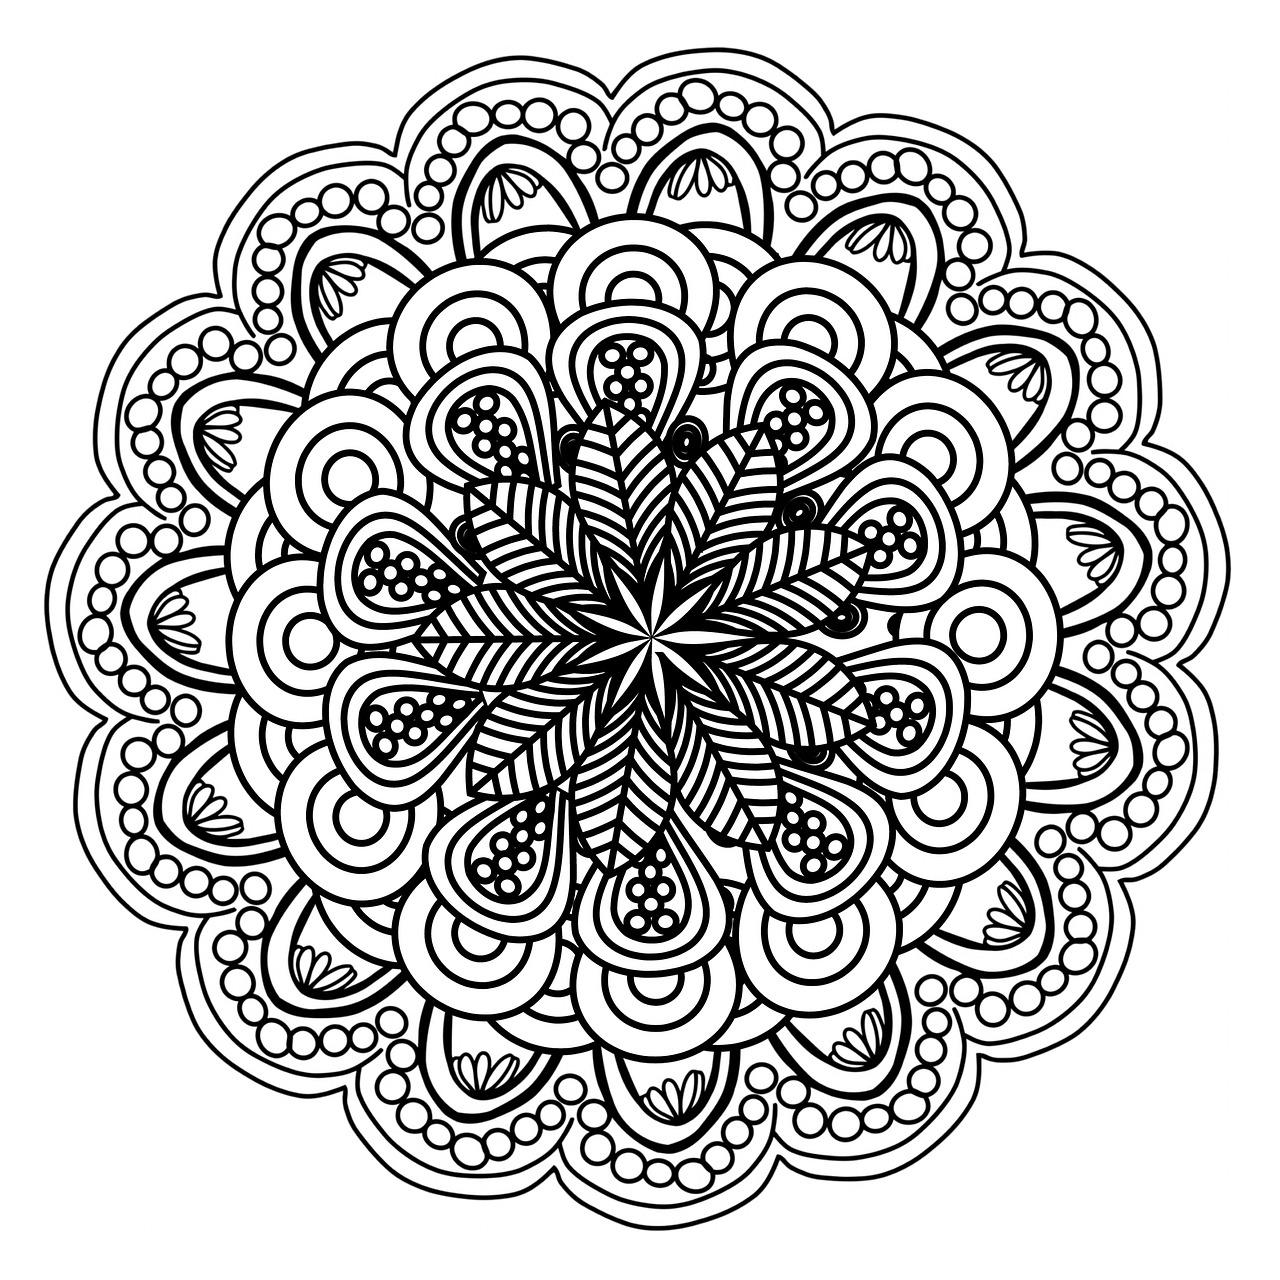 mandala, pattern, round